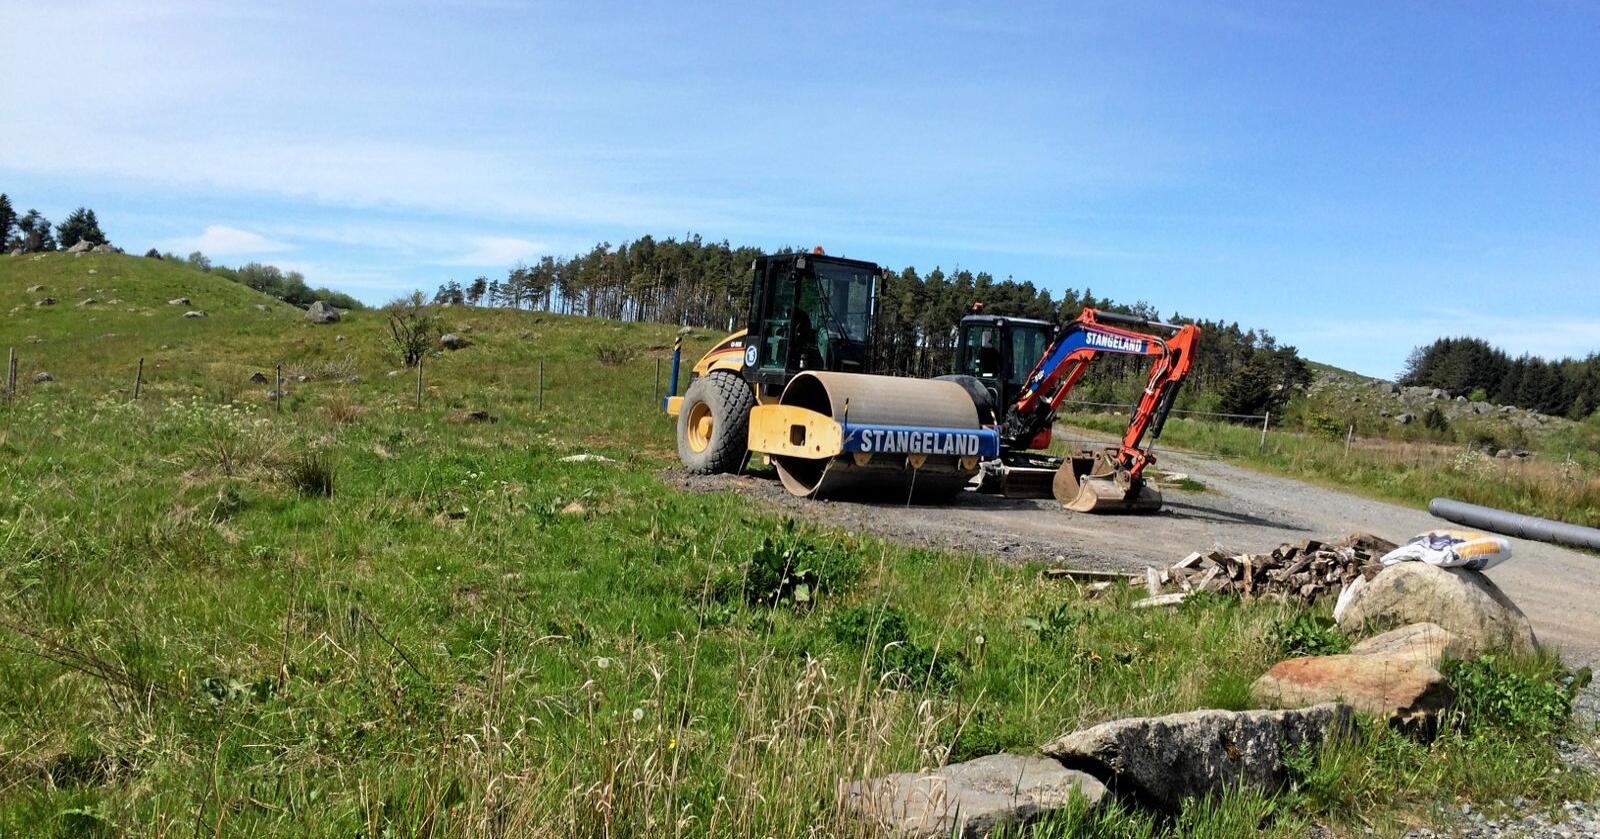 Bygger ned: Et knapt flertall i kommunestyret vil bygge ned hundrevis av dekar matjord på Kalberg i Time. Foto: Bjarne B. Aase